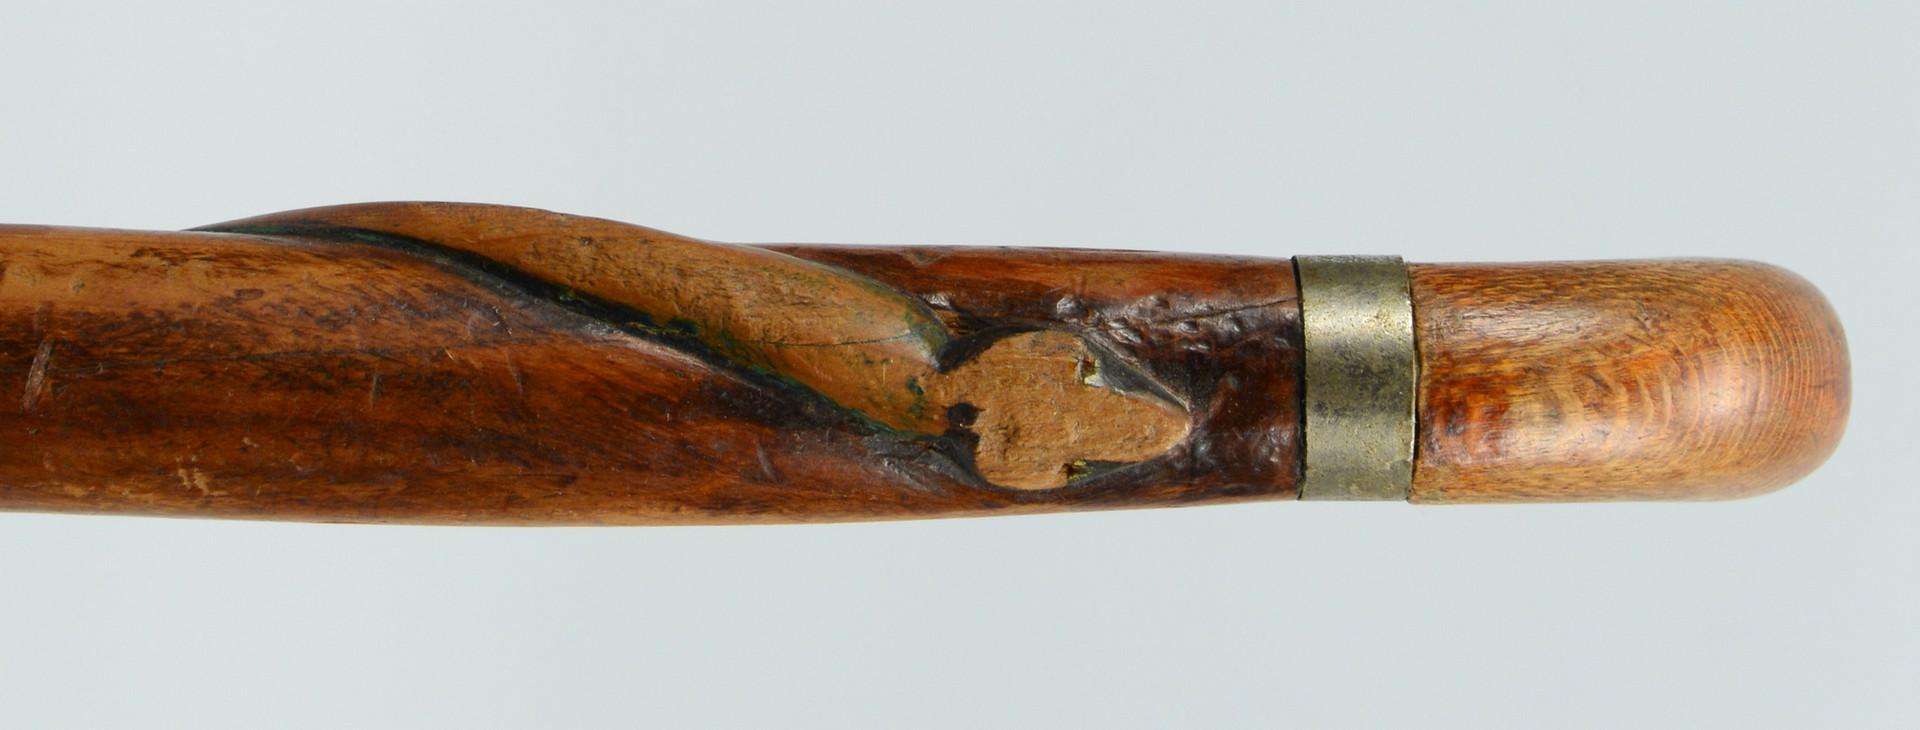 Lot 607: 4 Carved Snake Canes